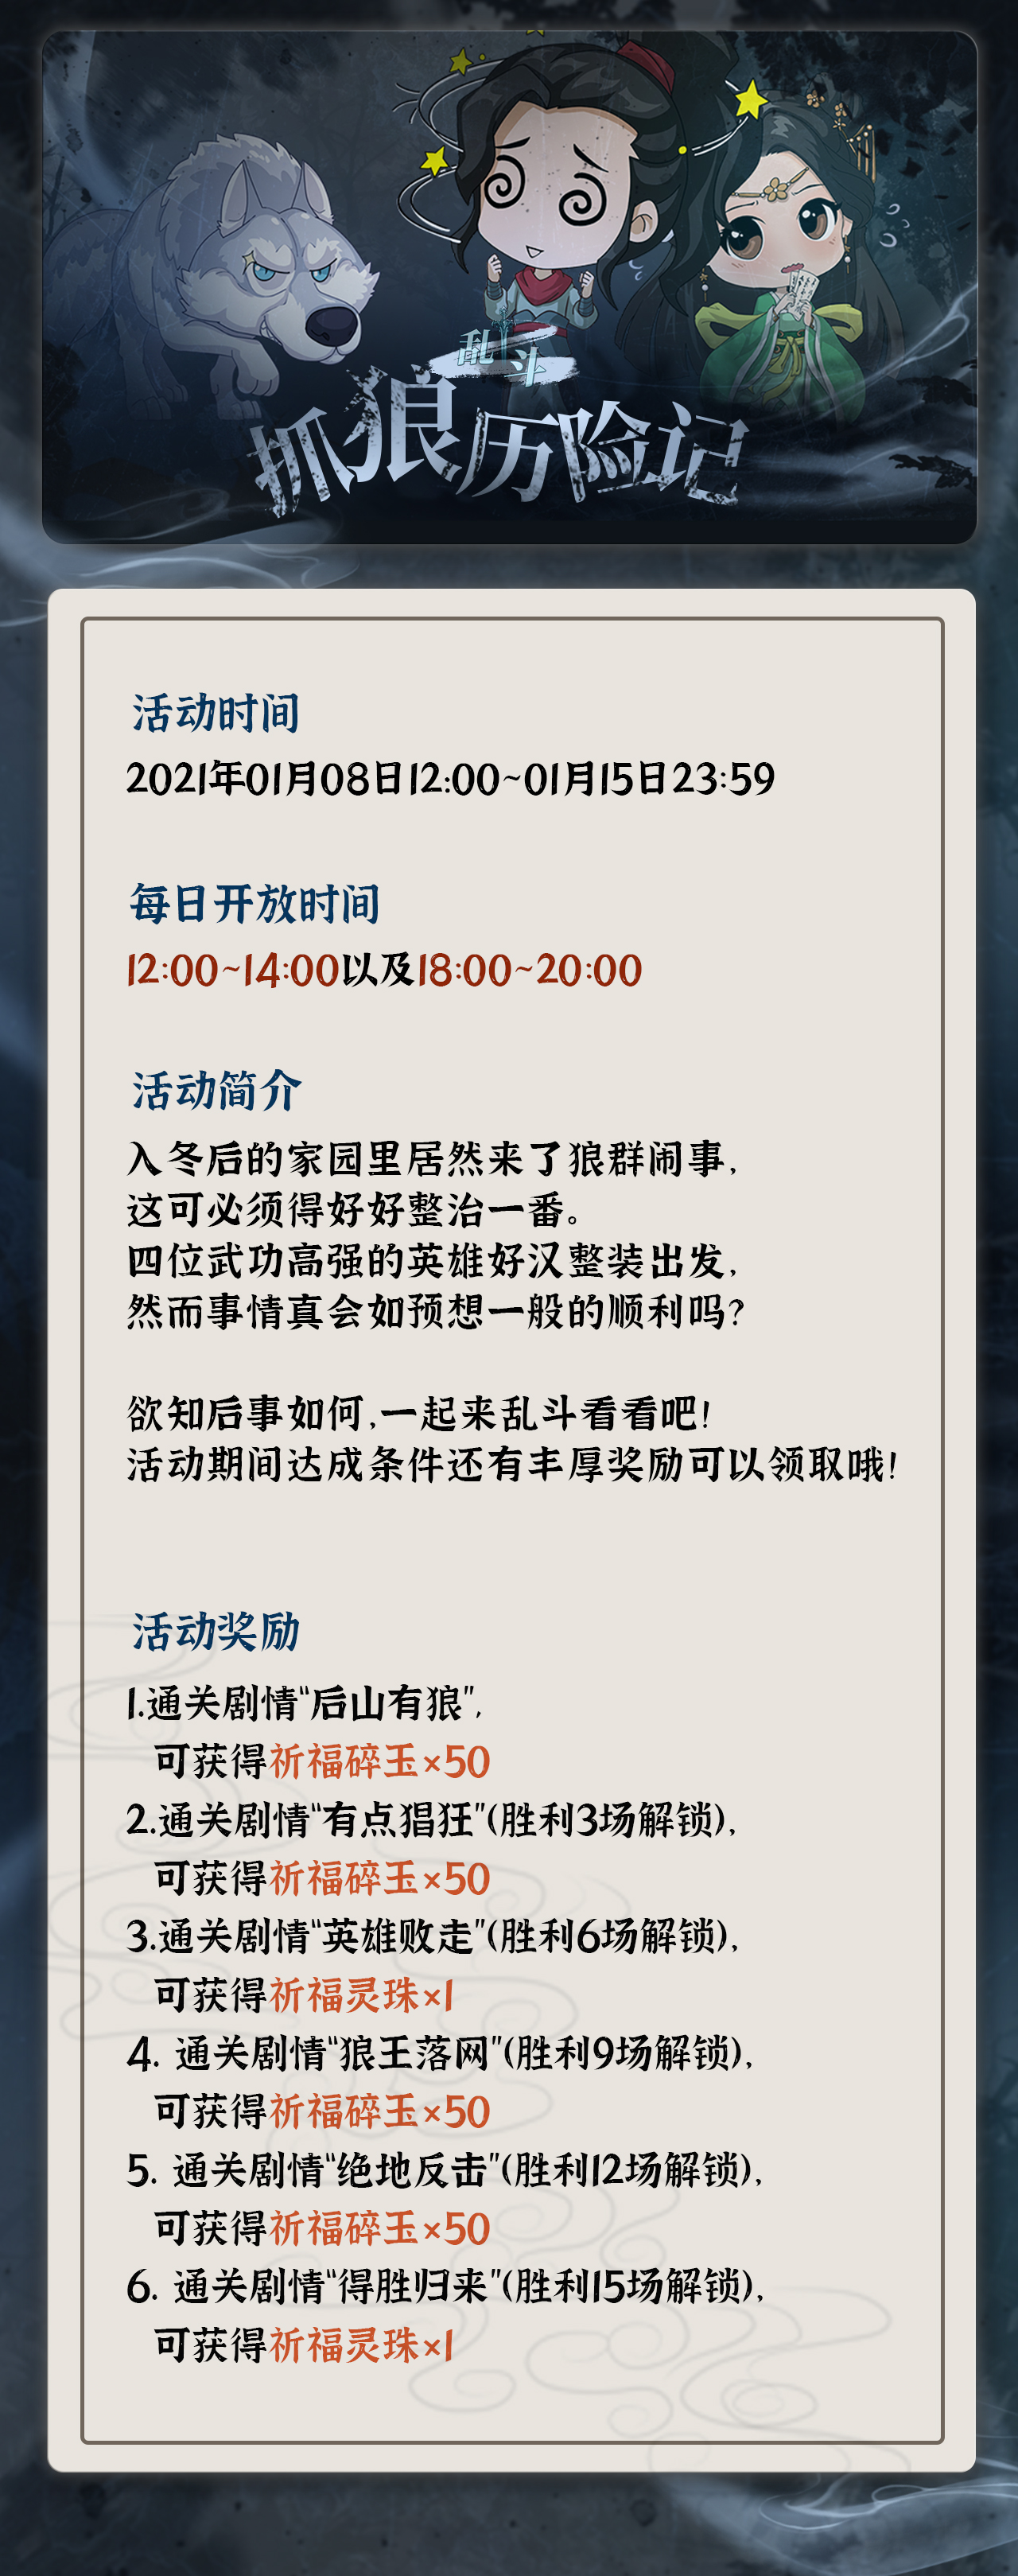 【汉家江湖】乱斗·抓狼历险记活动预告